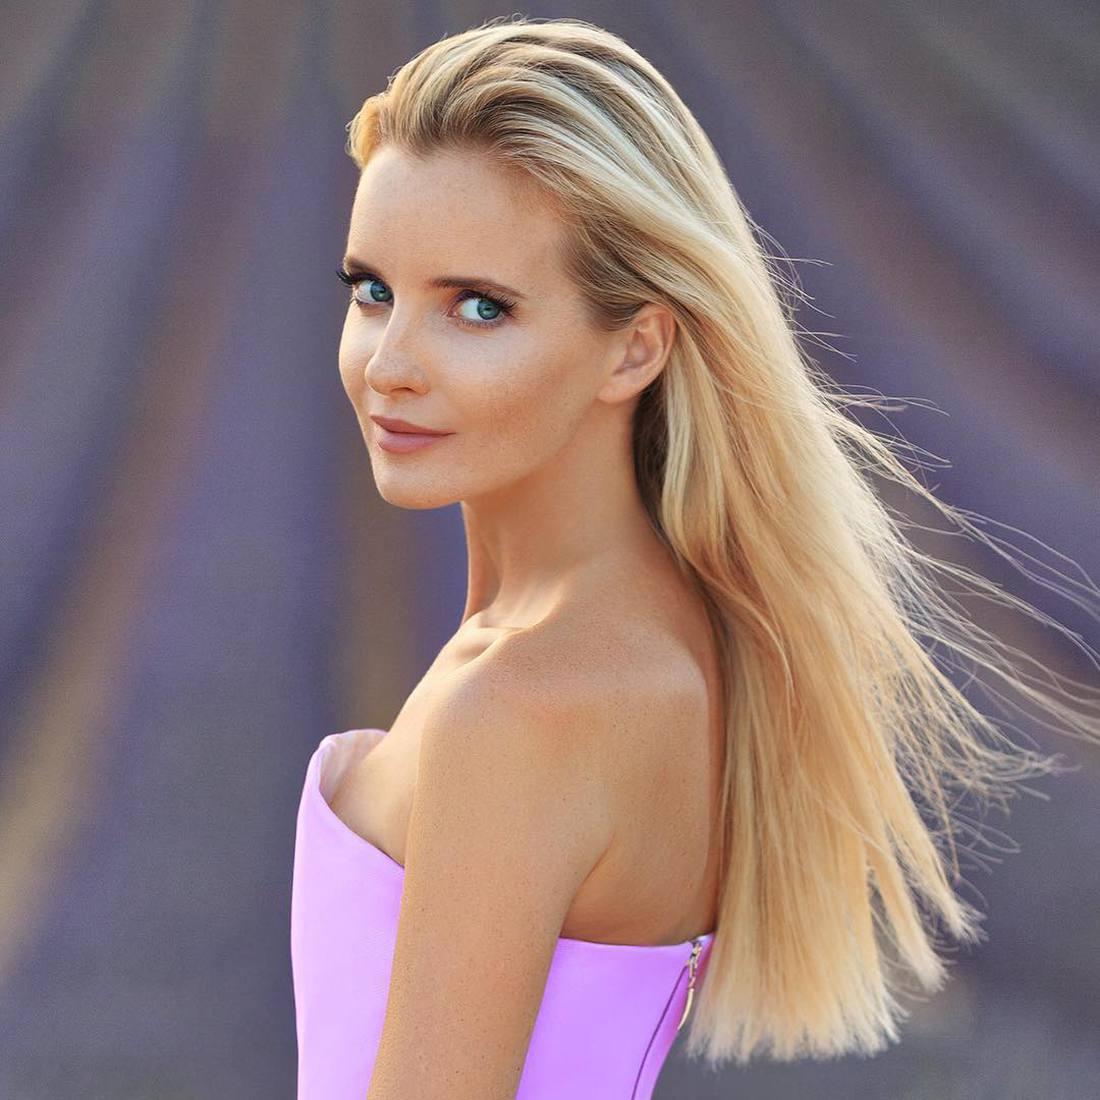 Самые красивые женщины россии 5 фотография